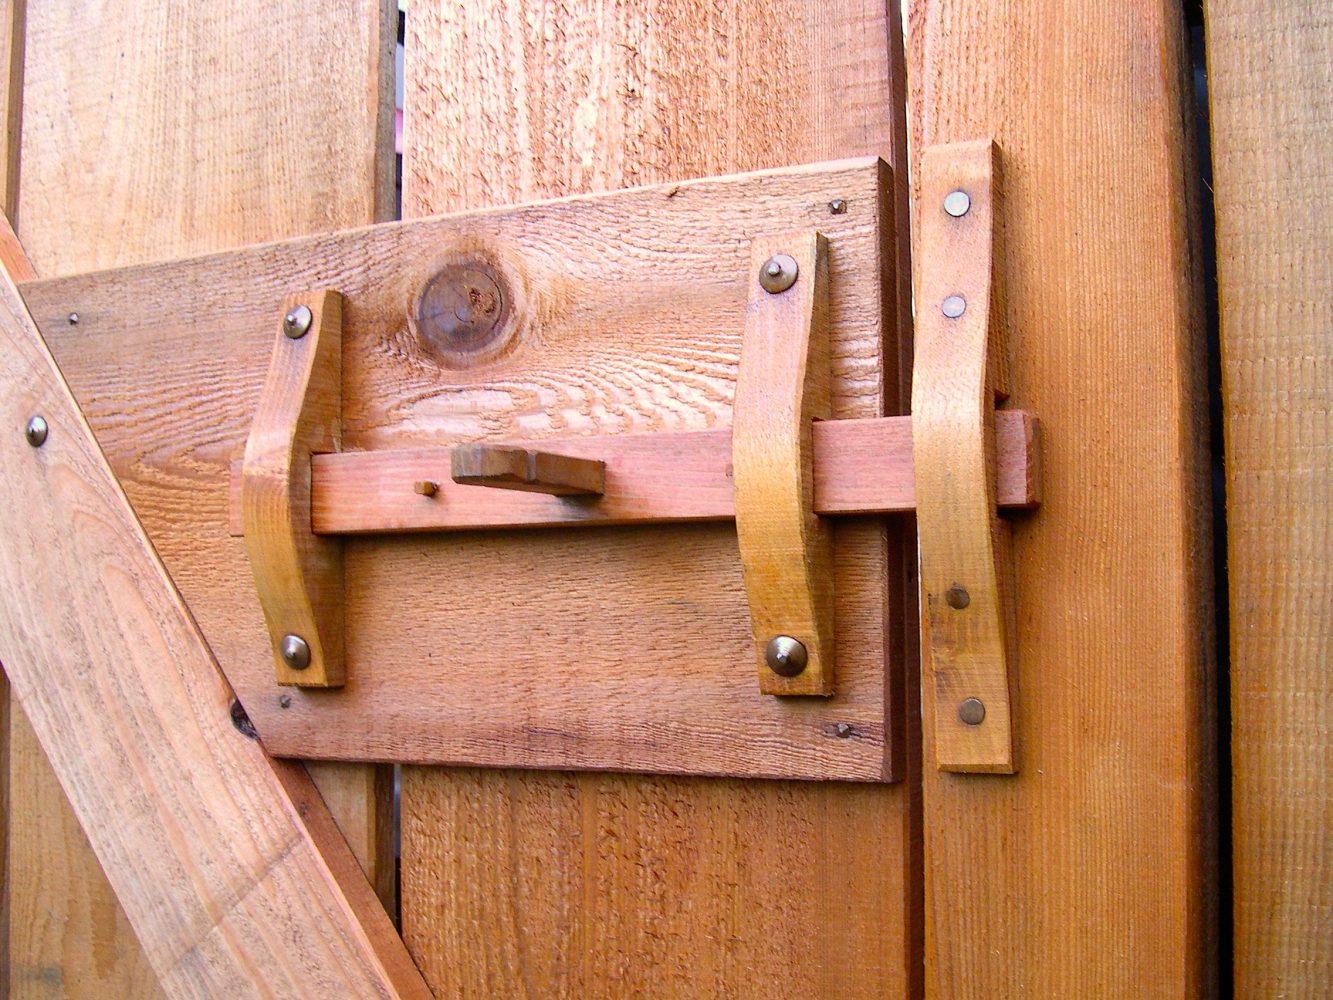 Garden gate latch detail